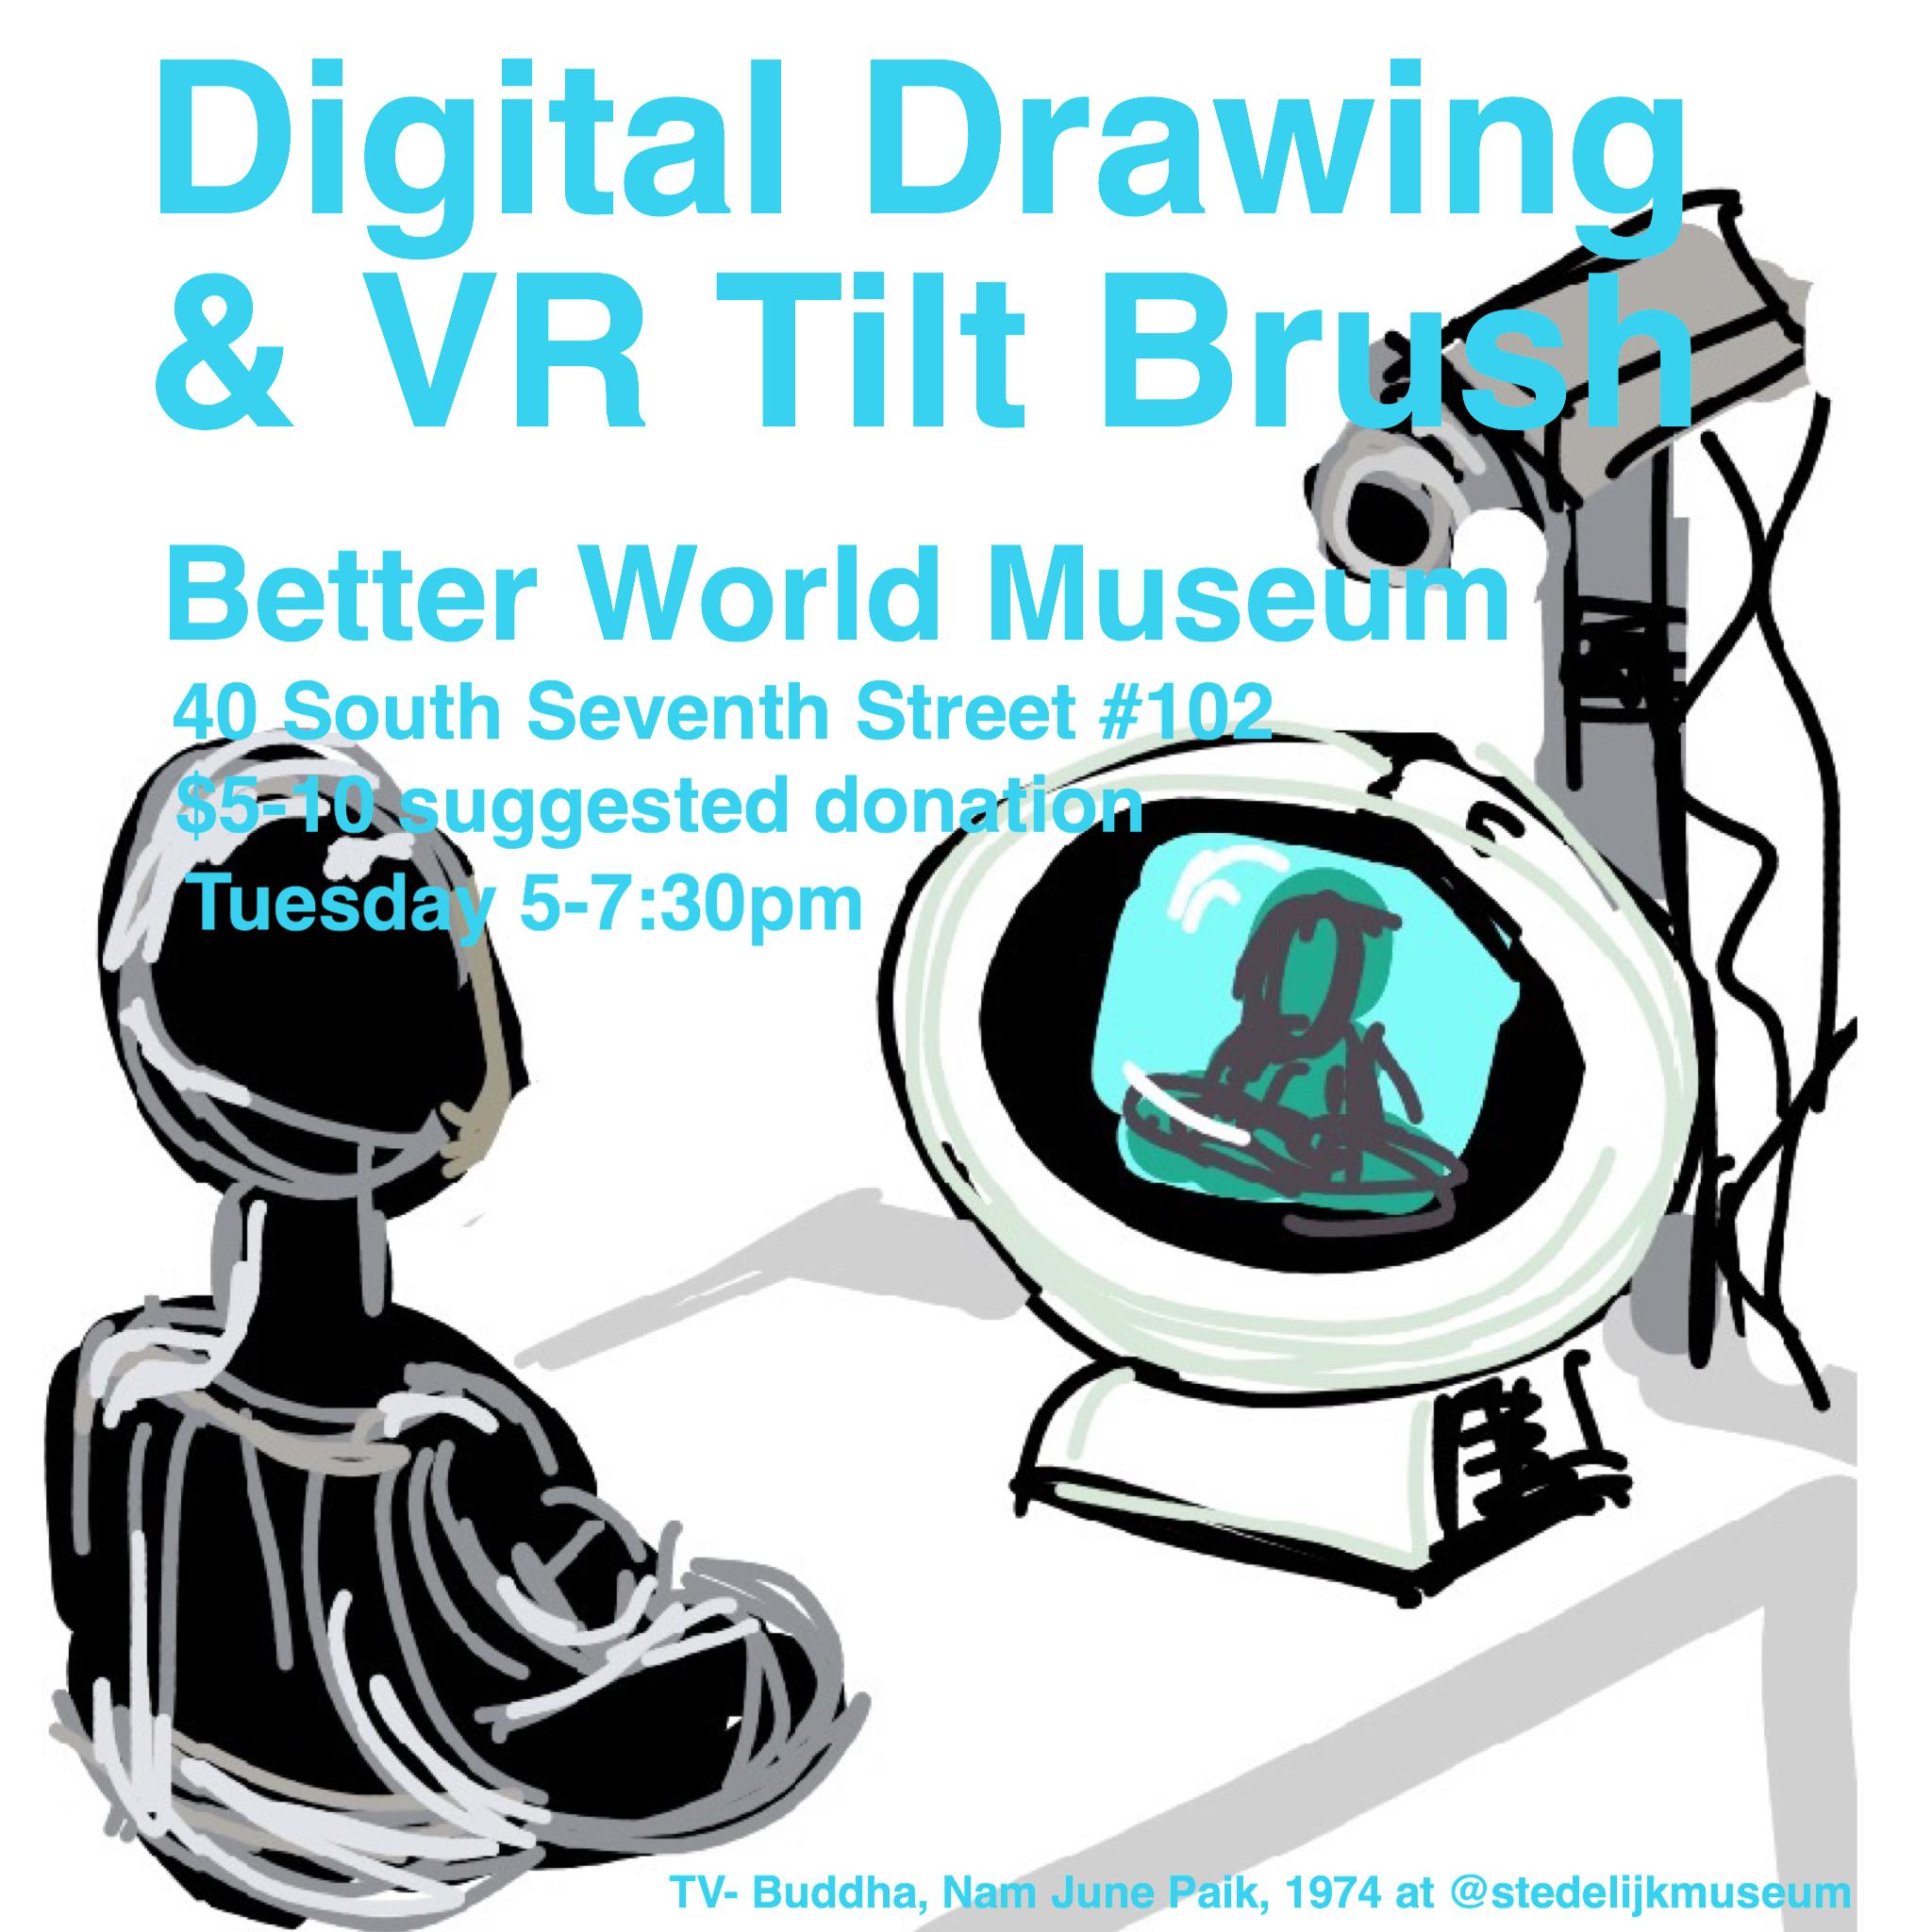 DigitalDrawingVRNight